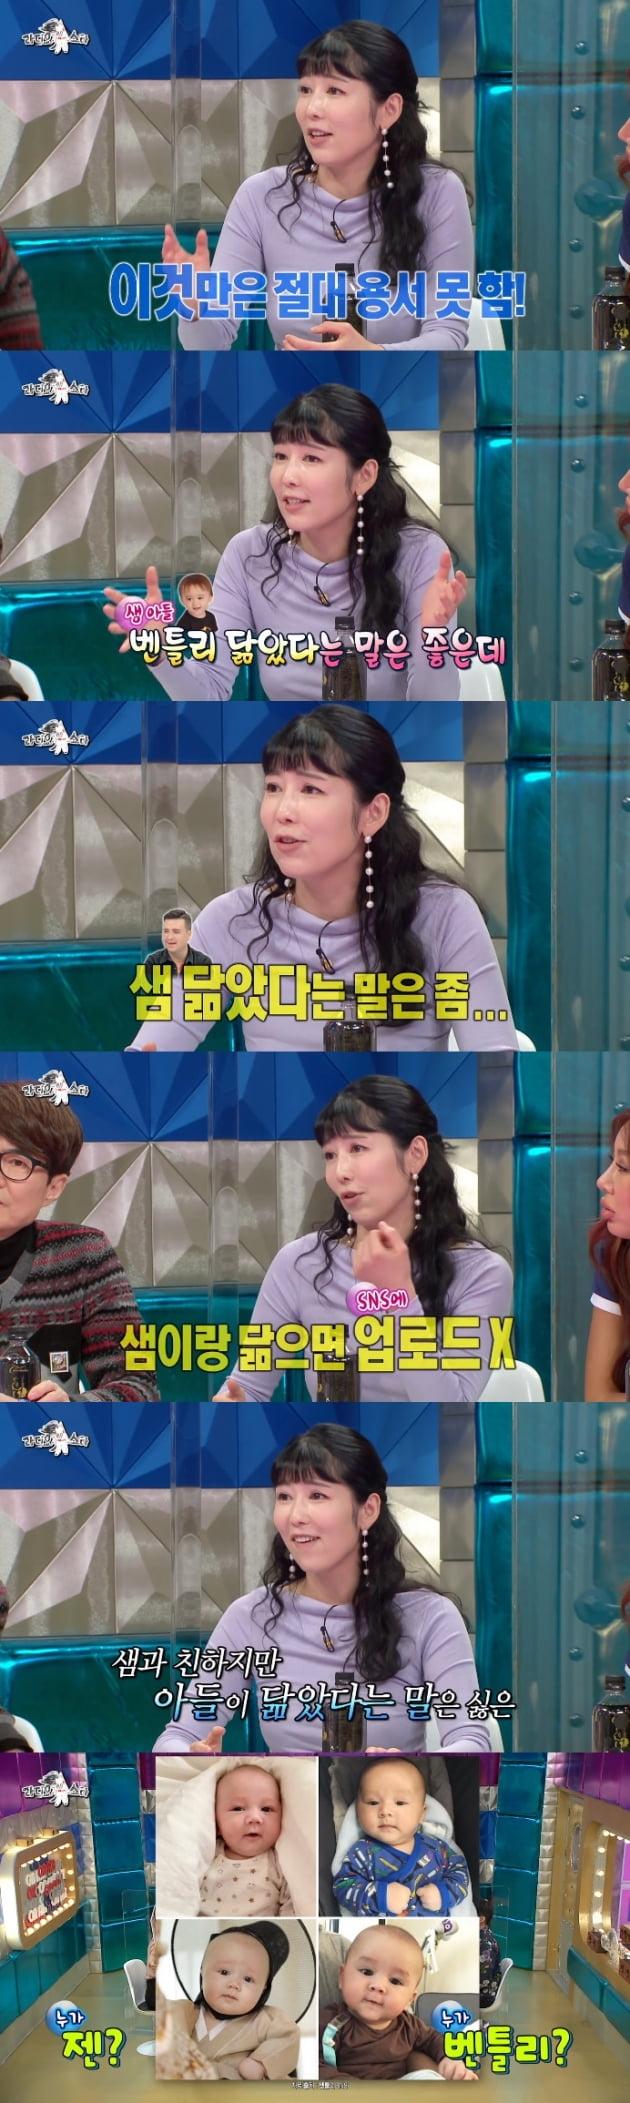 /사진 = MBC '라디오 스타' 방송화면 캡처